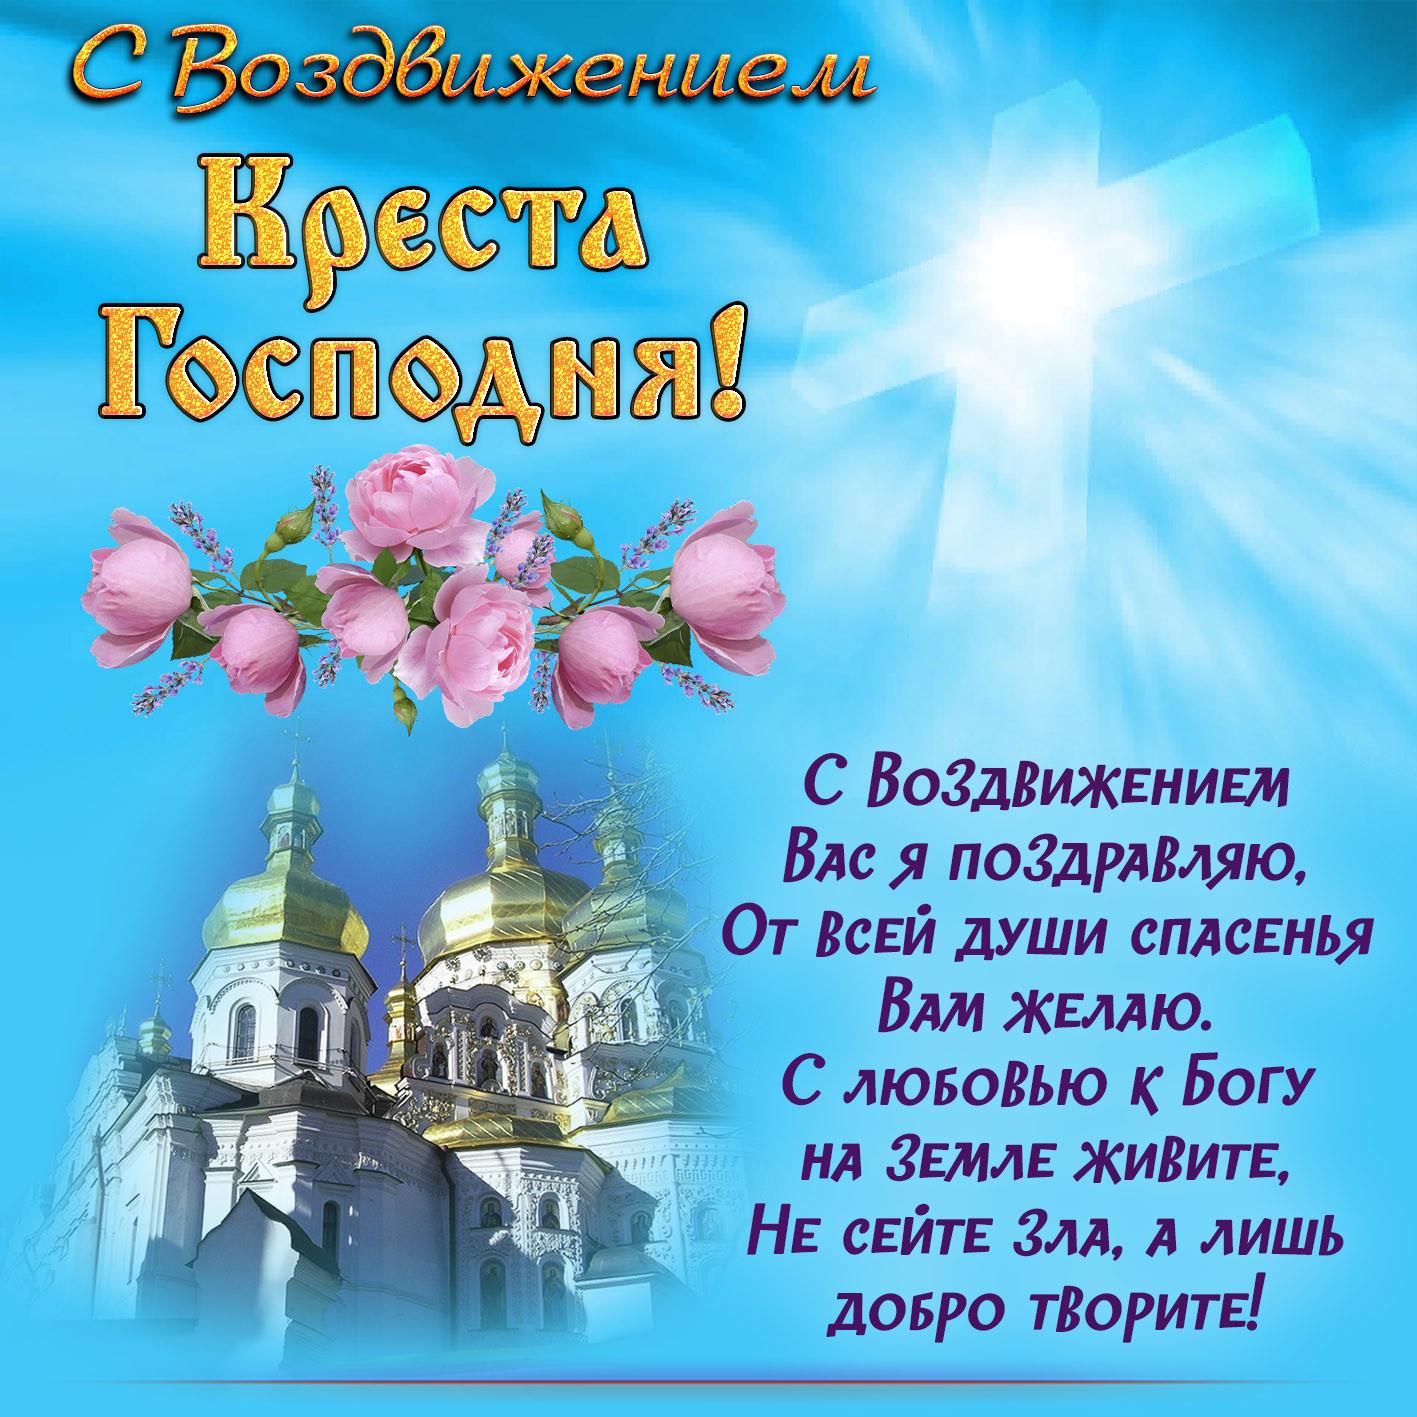 Открытки с воздвижением господним на украинском языке, открытки журнала маши